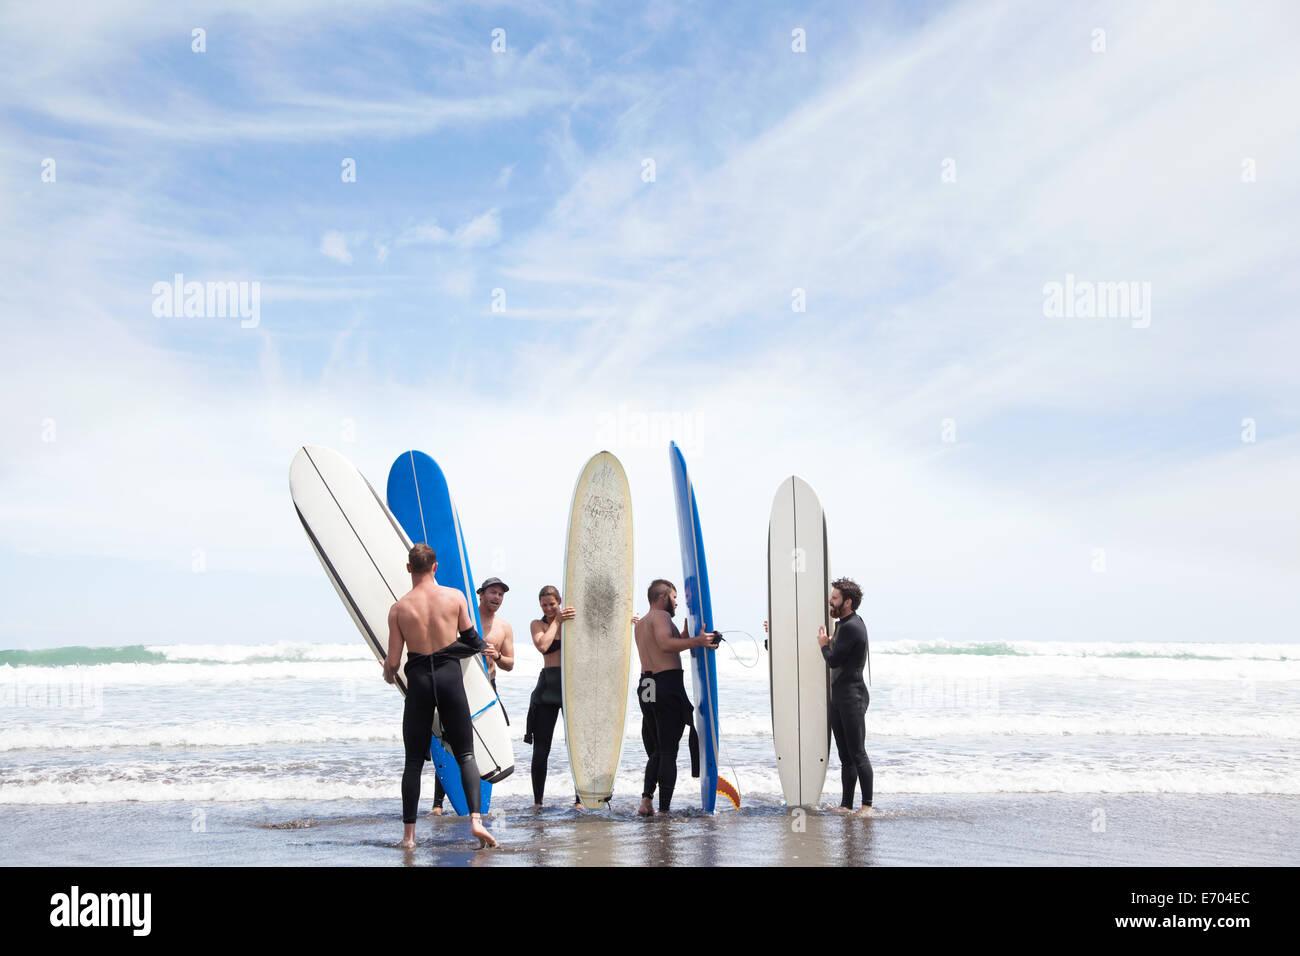 Groupe d'hommes et femmes d'amis surfer beach avec des planches de surf Photo Stock